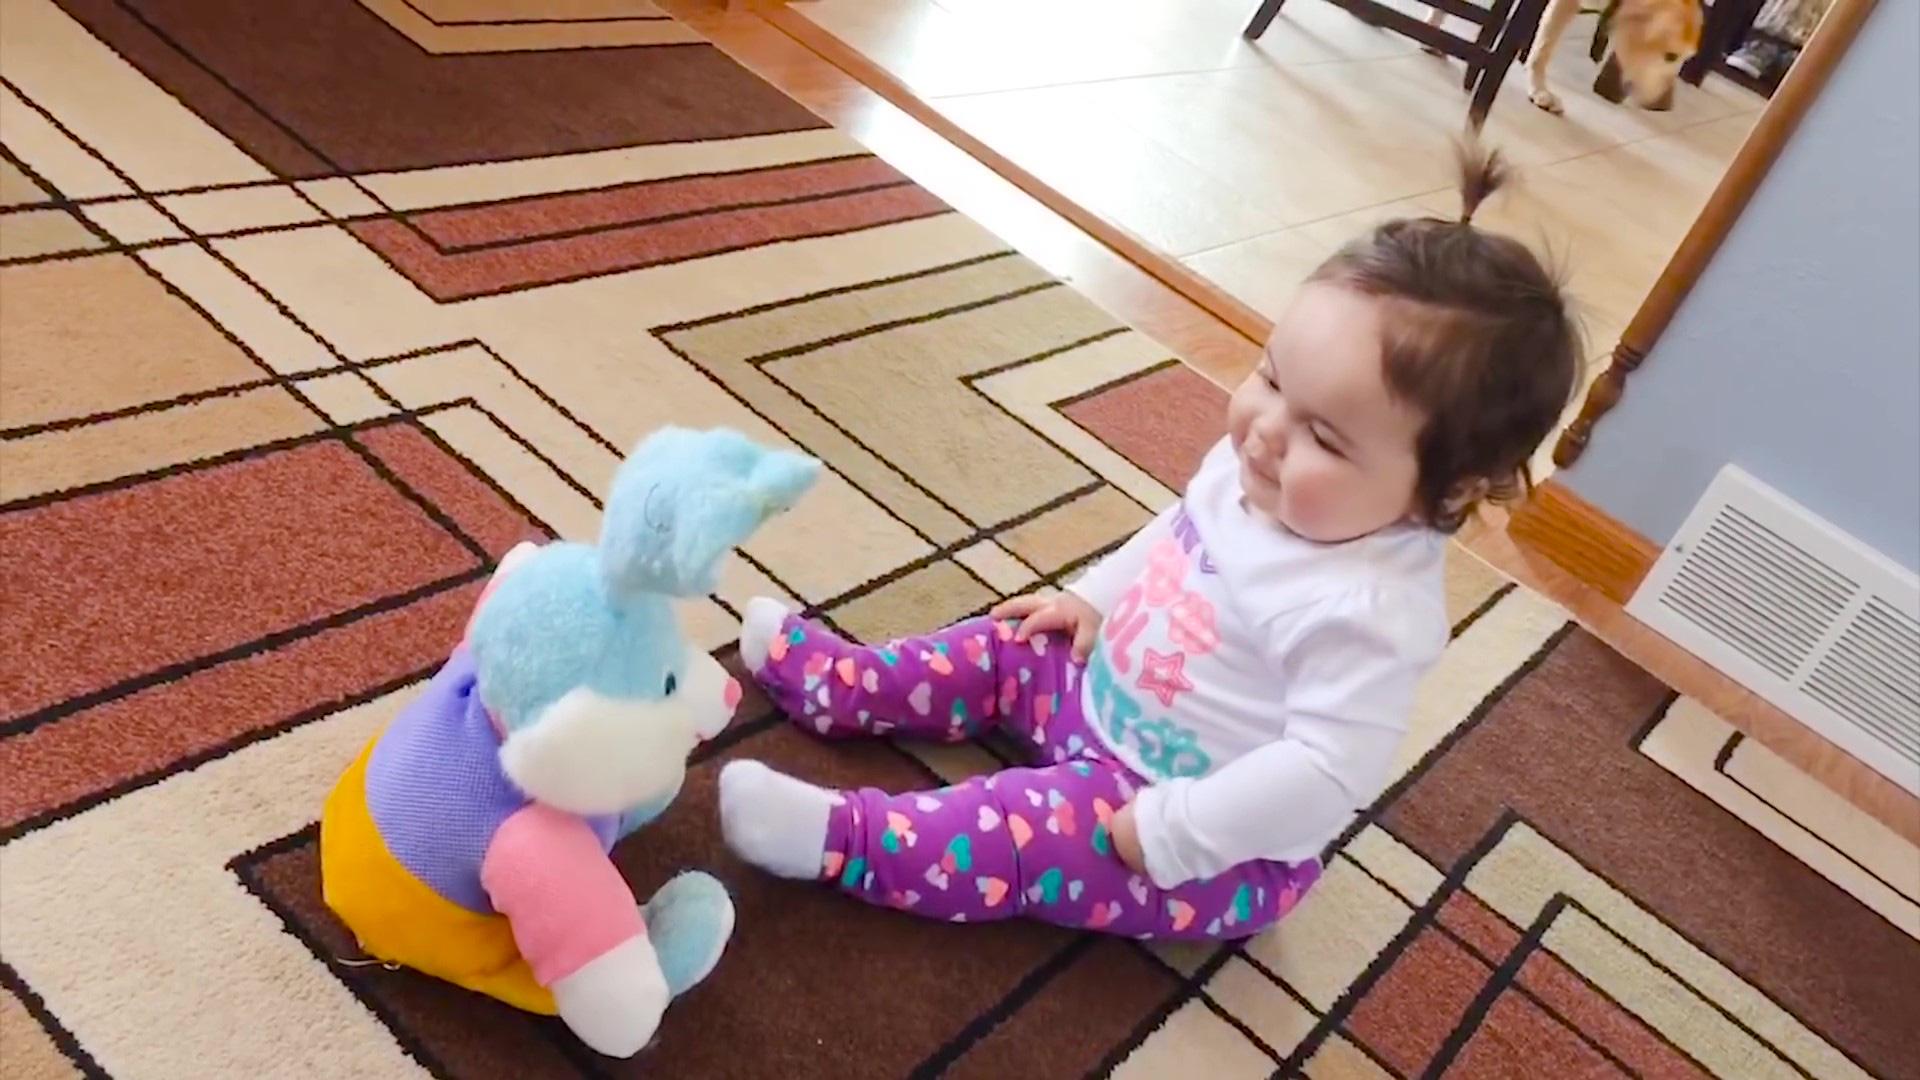 Video clip hài: Biểu cảm bất ngờ của trẻ em khi lần đầu nhìn thấy đồ chơi - Ảnh 6.